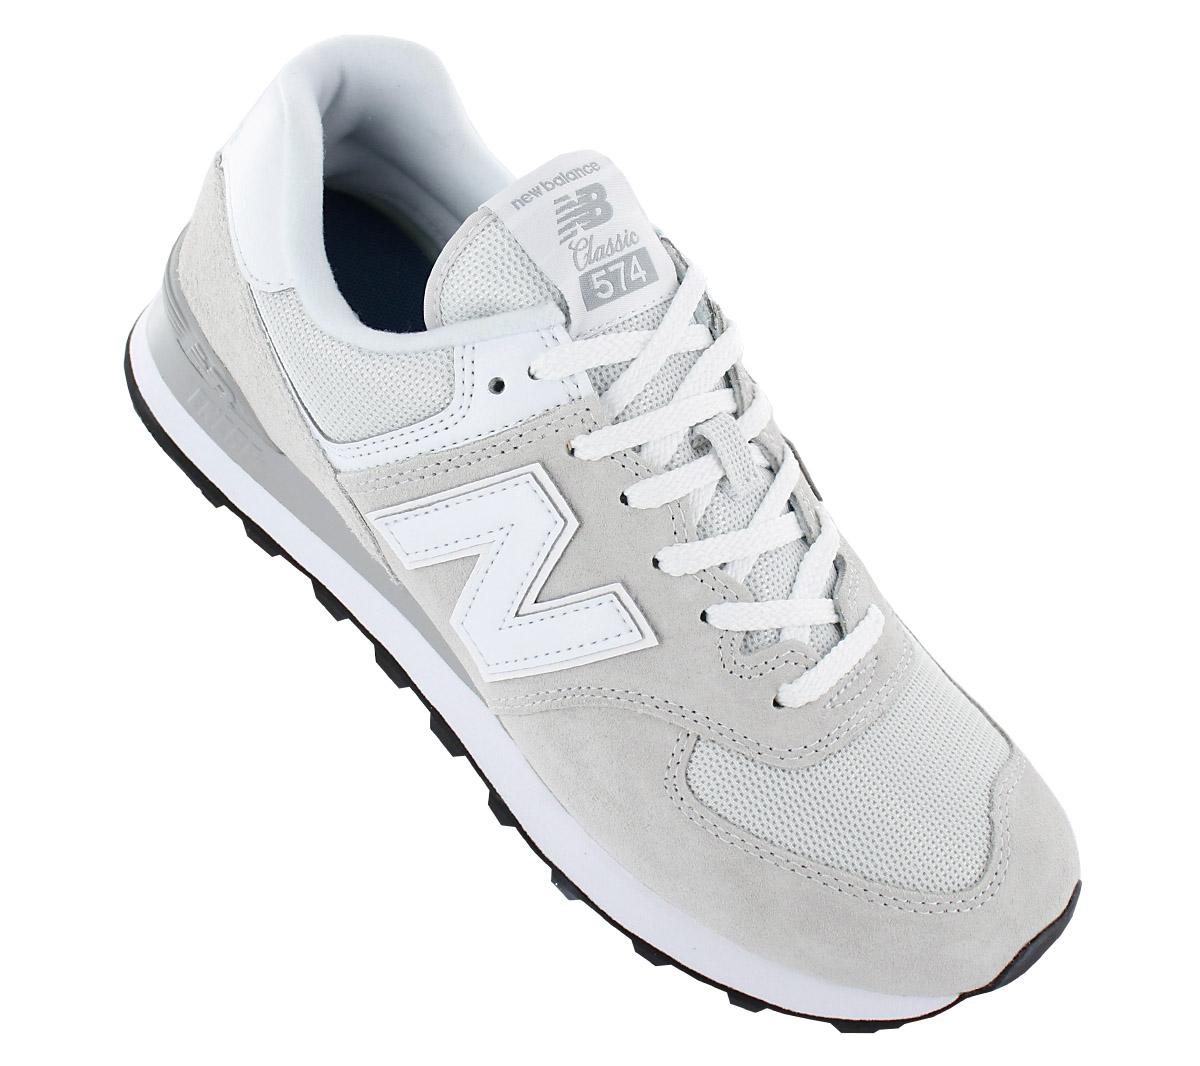 3461a14d9ad166 New Balance Classic 574 Herren Sneaker Schuhe Beige Turnschuhe ...